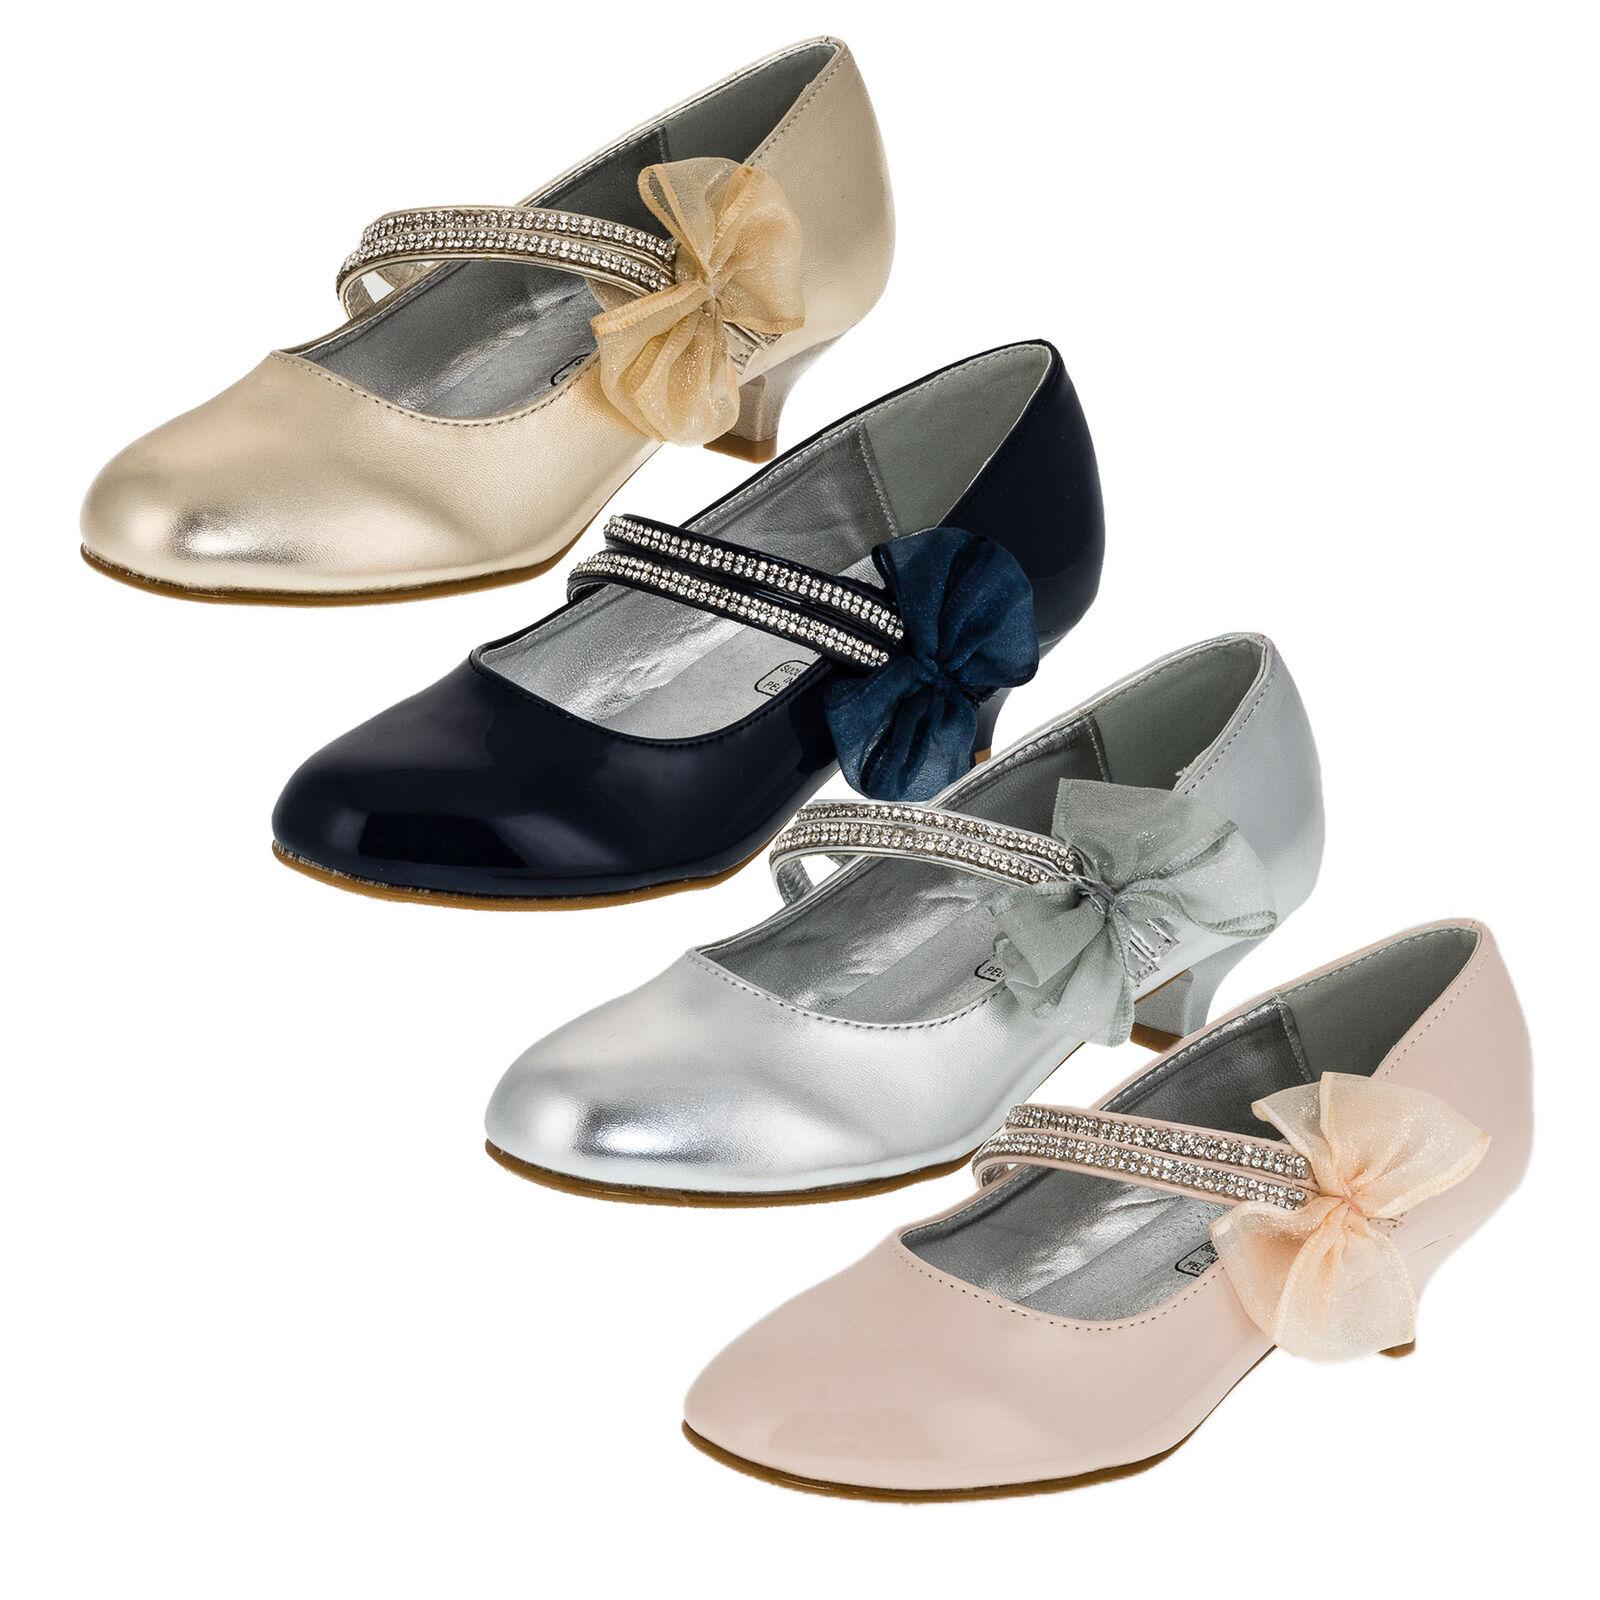 Details zu Festliche Mädchen Pumps Schuhe Strass Zierschleife